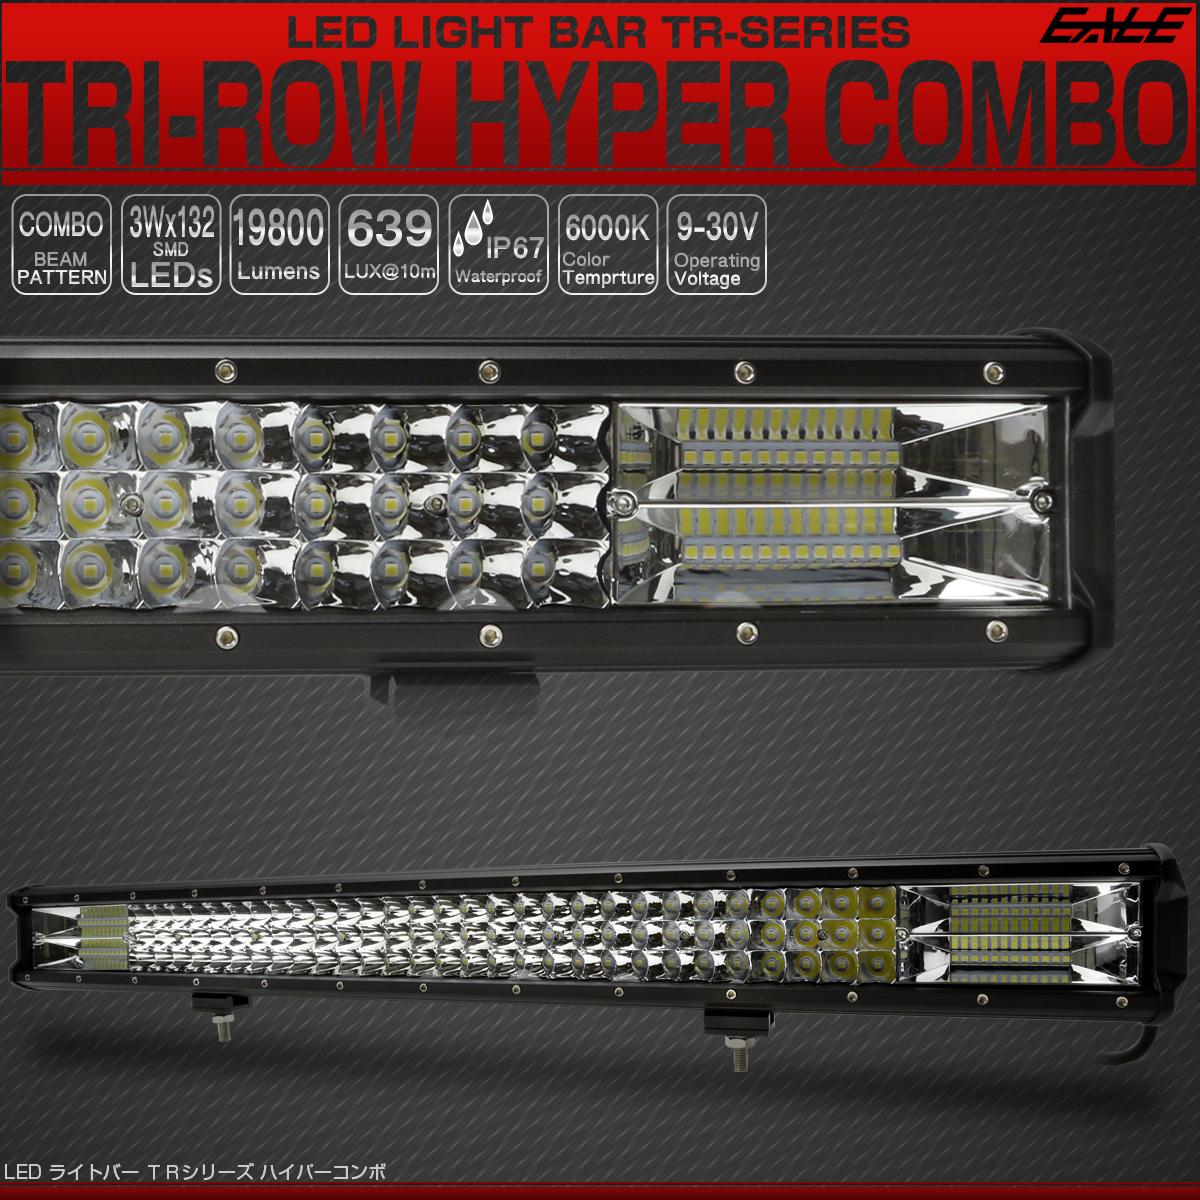 LED ライトバー 作業灯 73cm 396W TRI-ROW ハイパーコンボ 29インチ 19800lm 12V 24V 48V フォークリフトも対応 防水IP67 P-525